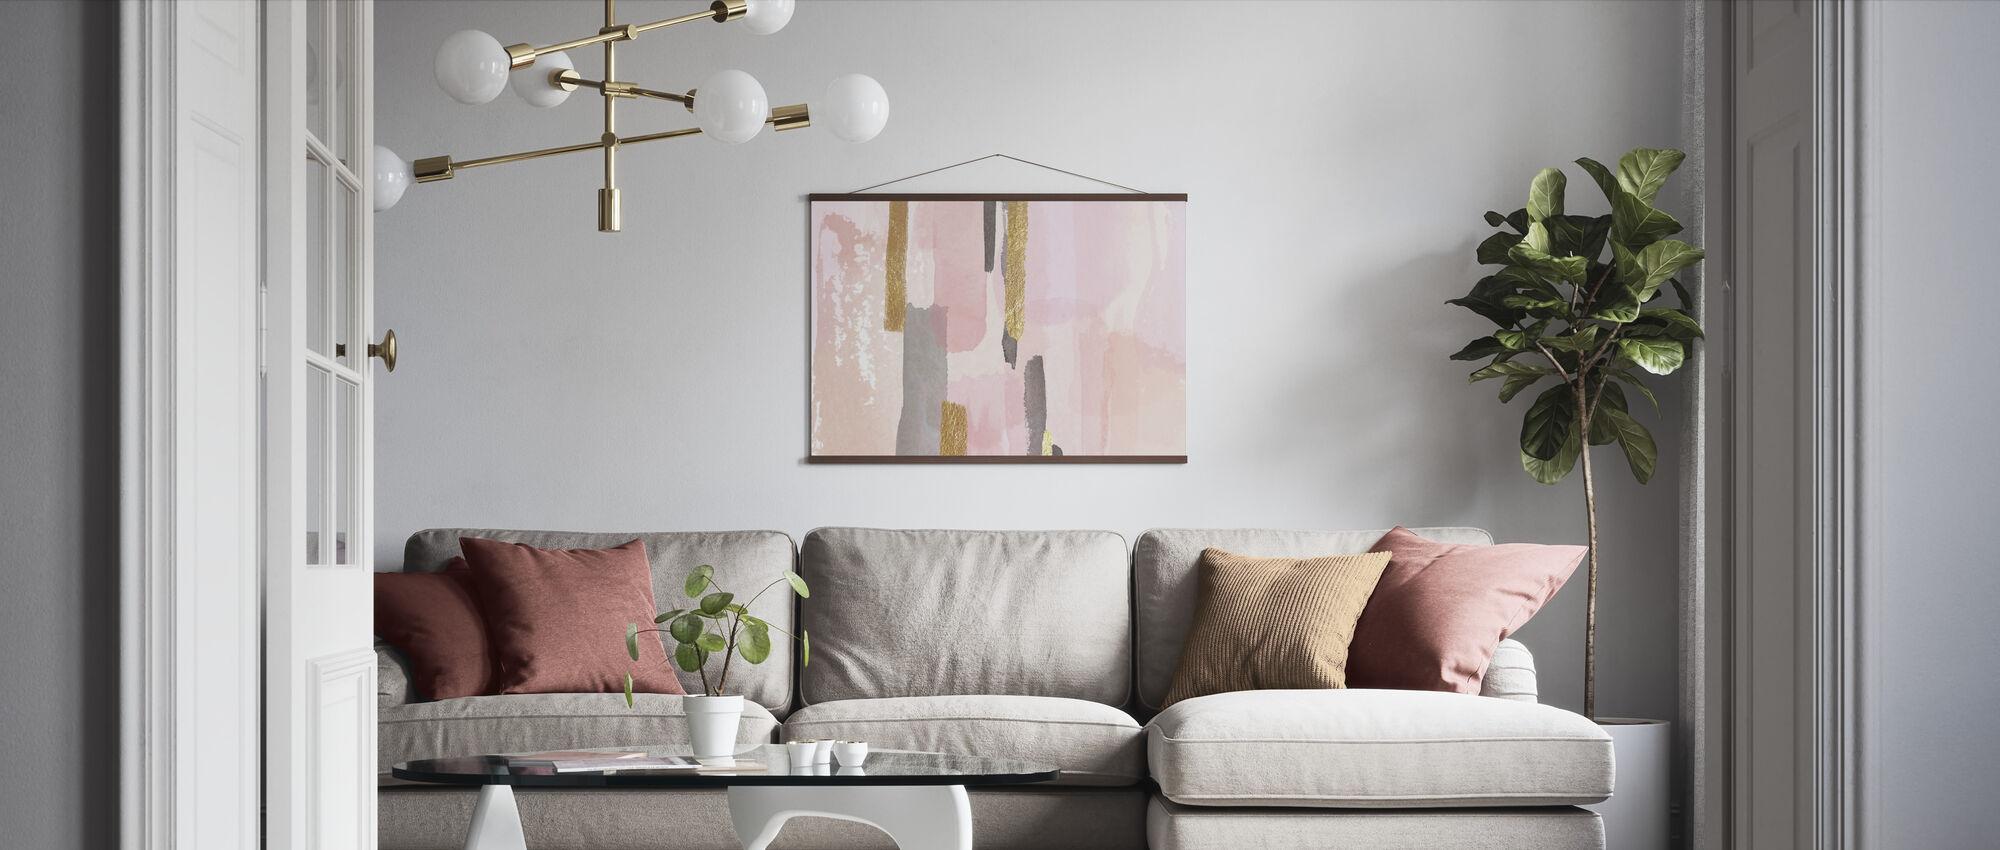 Vaaleanpunainen ja kultainen sisustus - Juliste - Olohuone